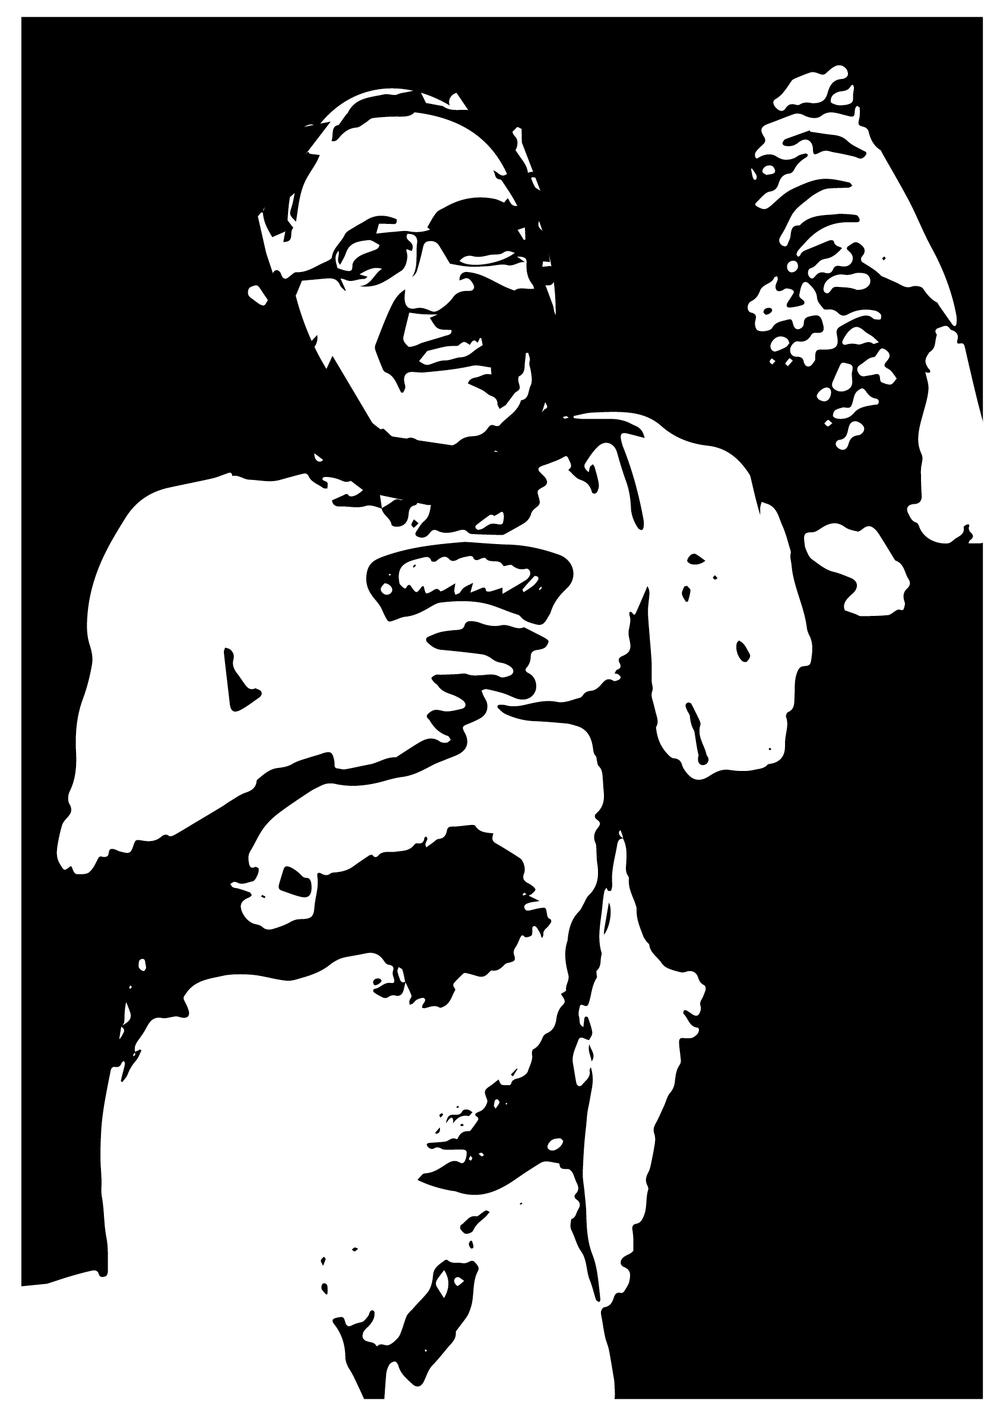 """Voller Stolz blagiert dr Winzer-Bundesroot Parmelin Guy: """"Die glyychi Qualiteet wie mi Partei hett also au mi Wyy."""" Wenn das stimmt mit dem Verglyych, jä also denn glaubsch besser draa, Dass me die Pfütze nit emol zum Koche bruuche kaa."""